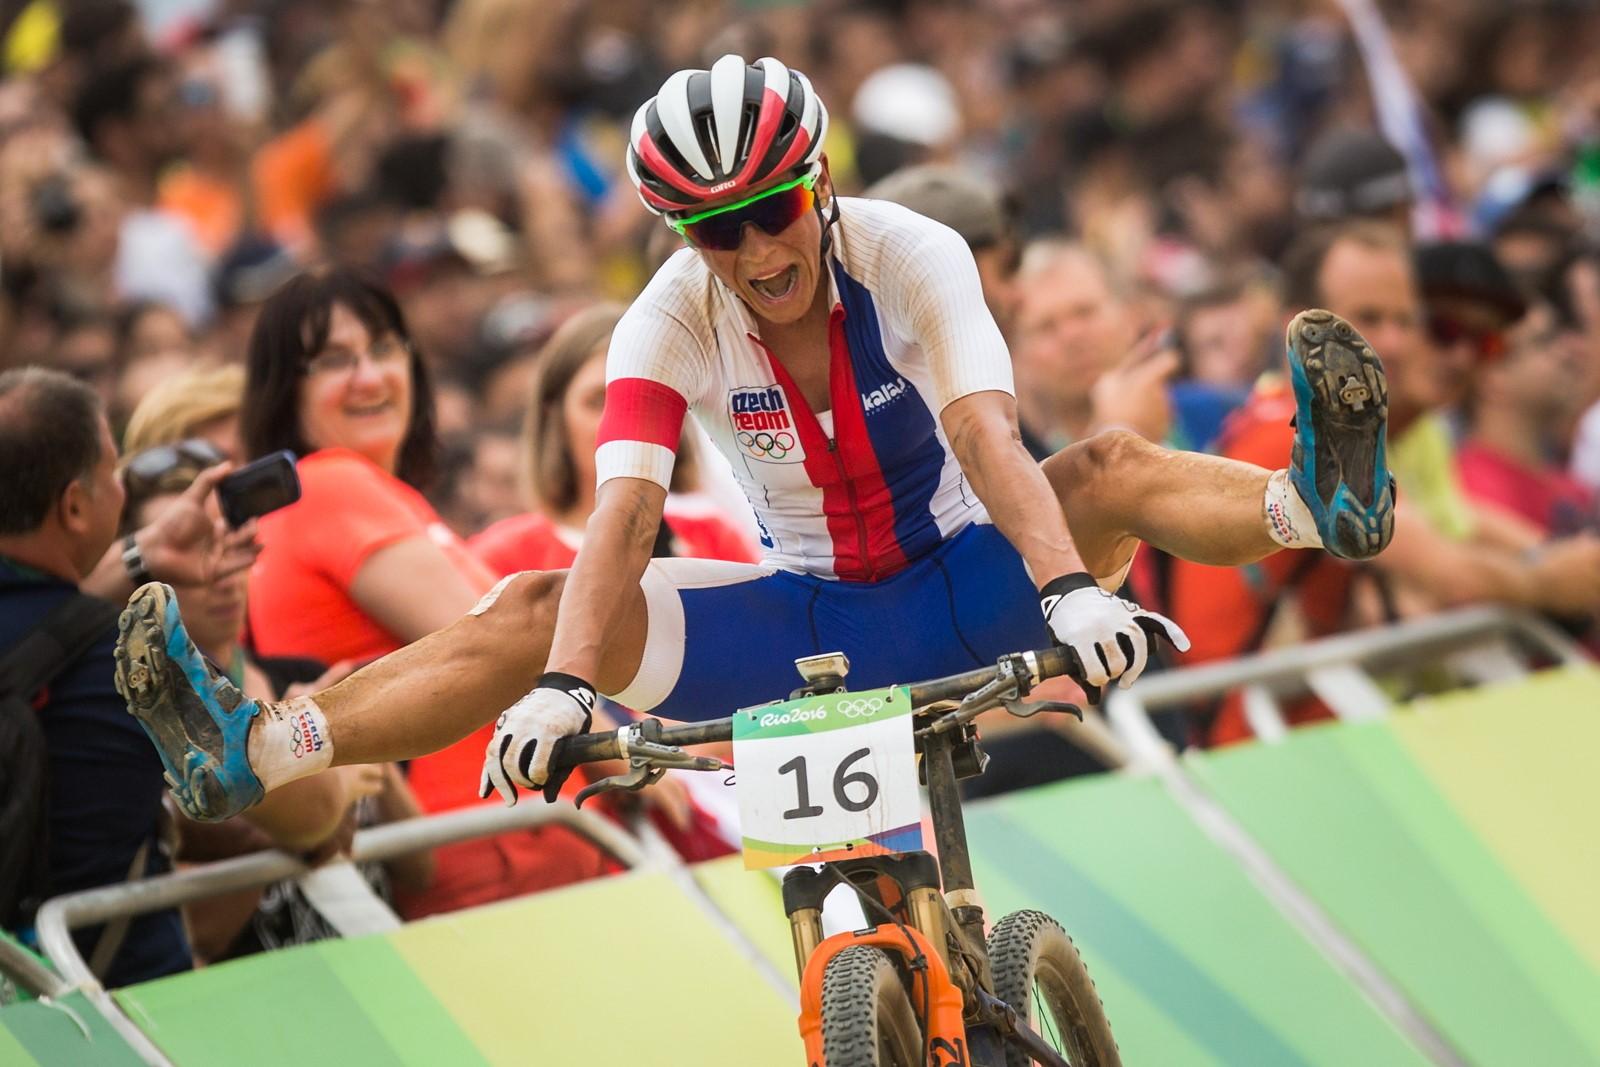 Kateřina Nash vybojovala pátou příčkou v Riu 2016 nejlepší ženský olympijský výsledek historie pro Česko. Foto: Michal Červený